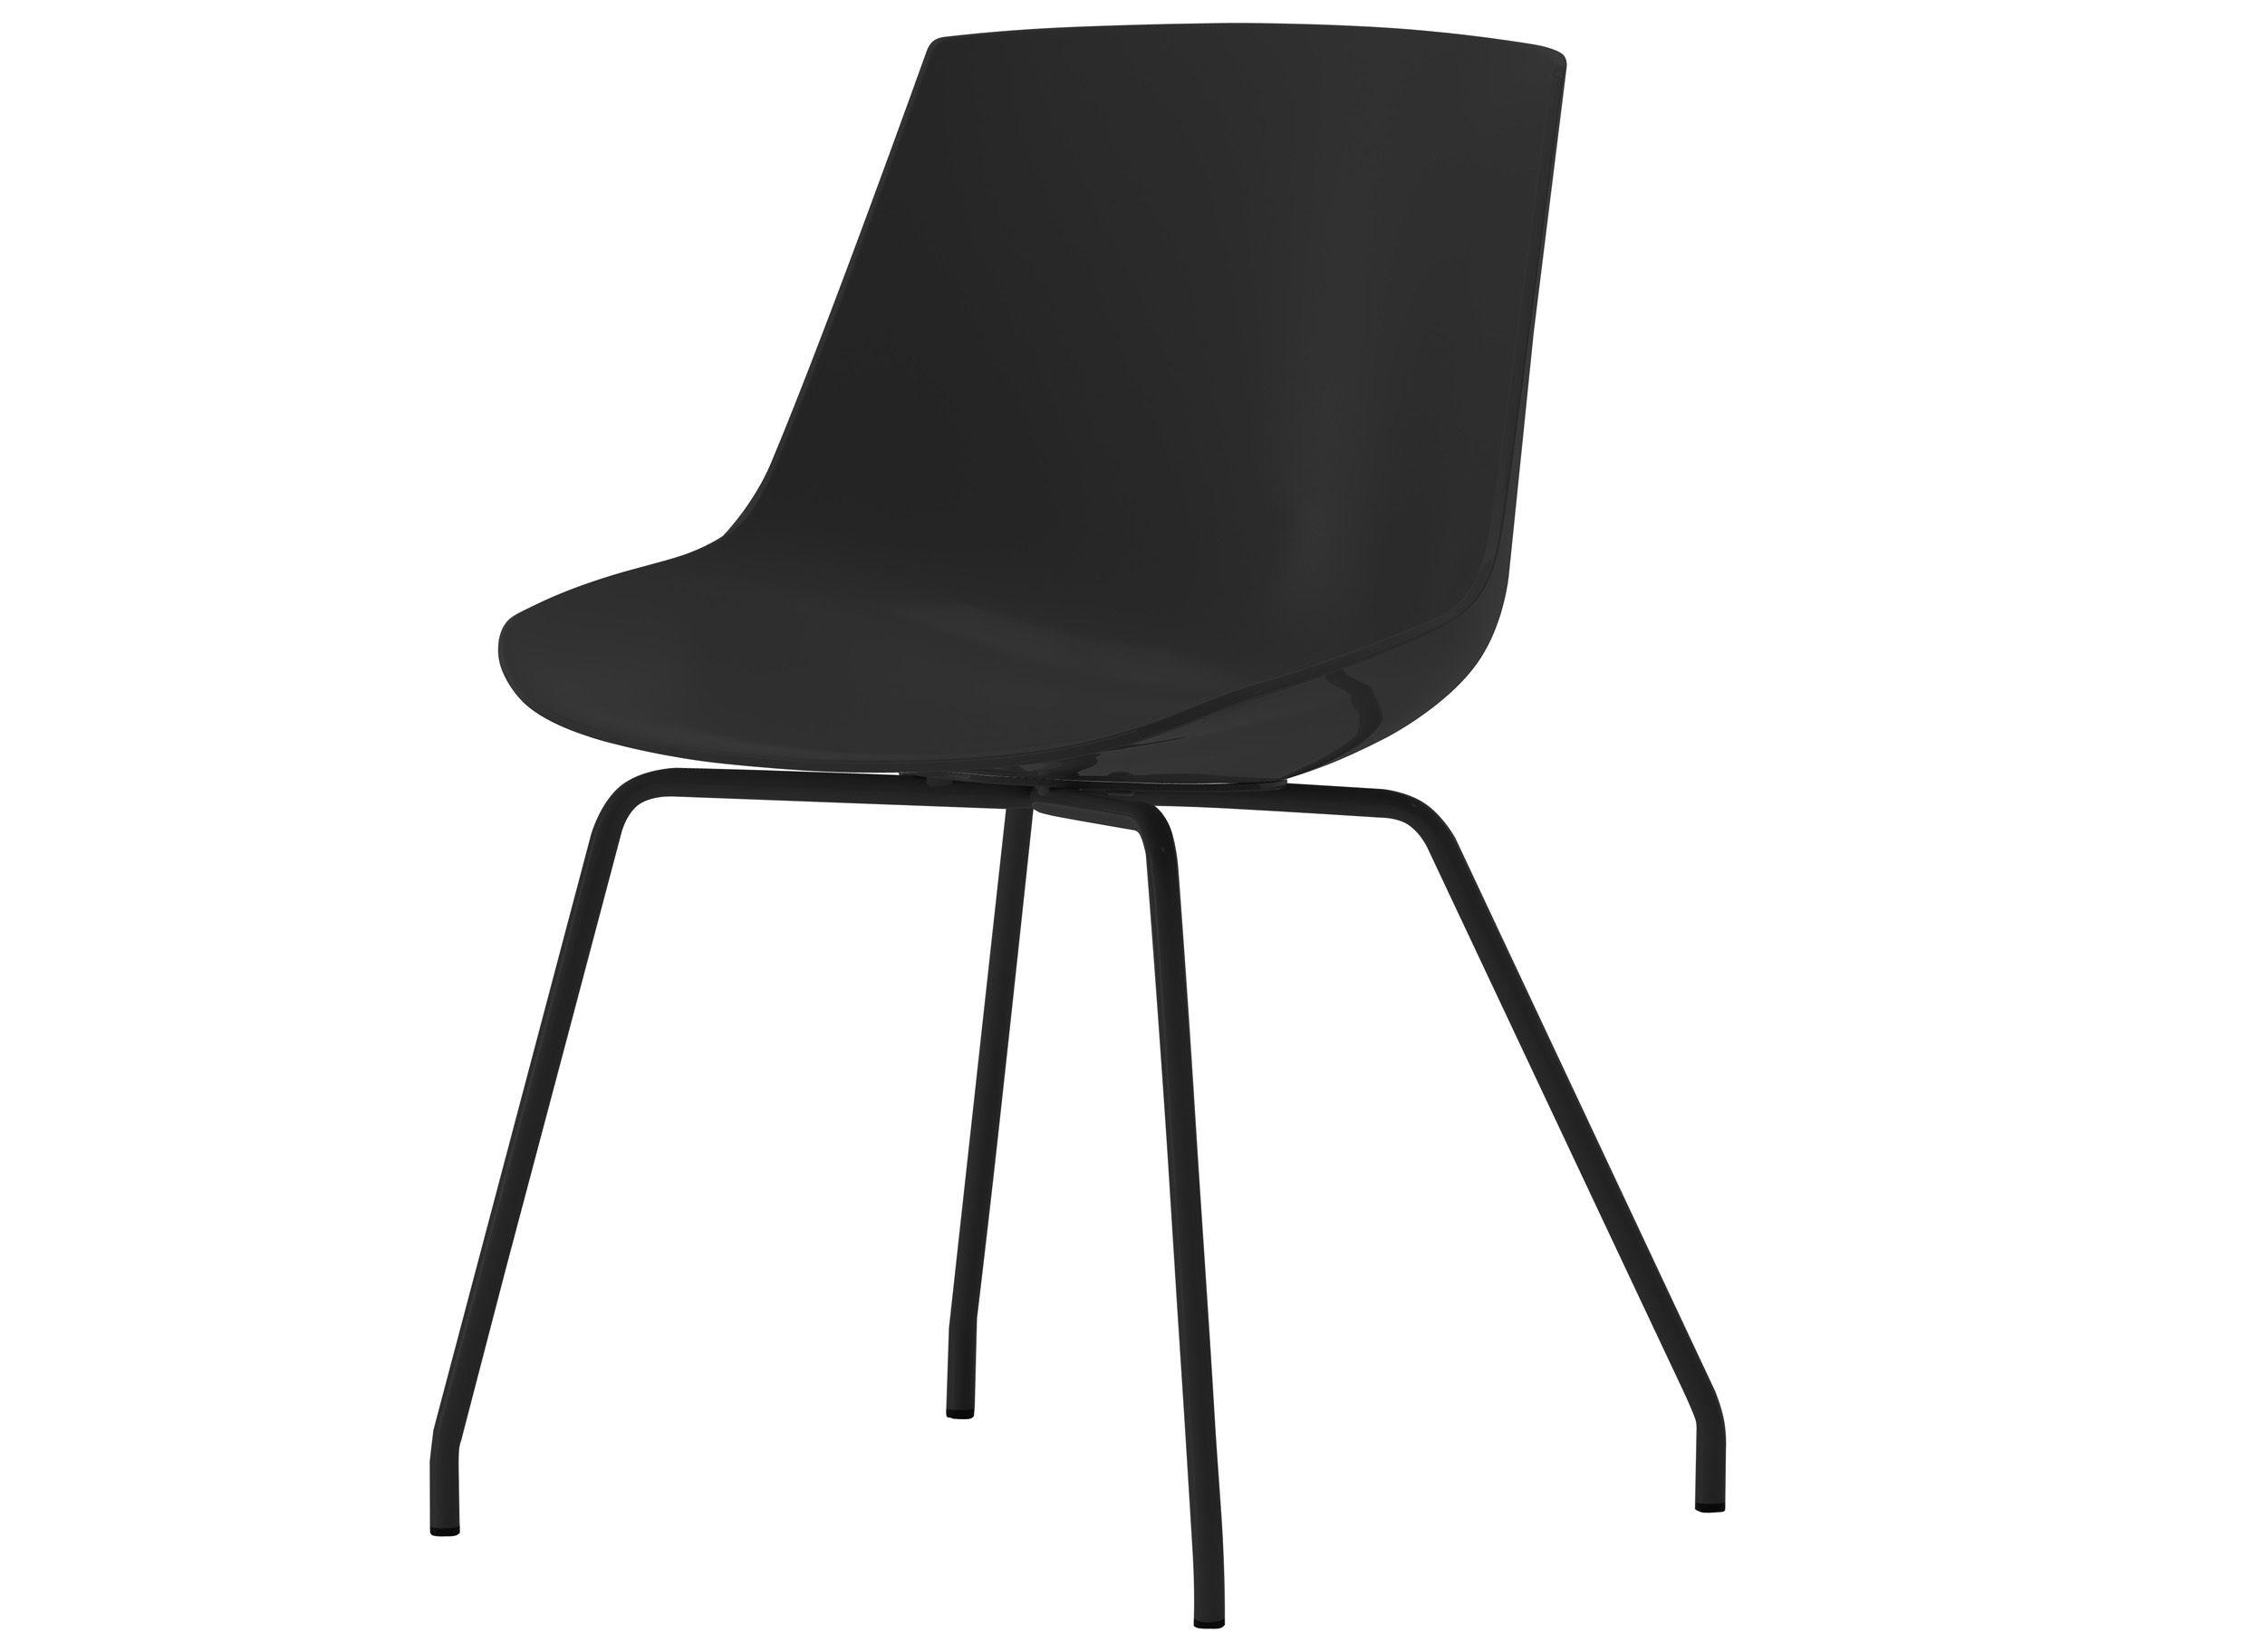 Möbel - Stühle  - Flow Stuhl 4 Füße - MDF Italia - Glänzend schwarz - schwarzes Gestell - lackierter Stahl, Polykarbonat